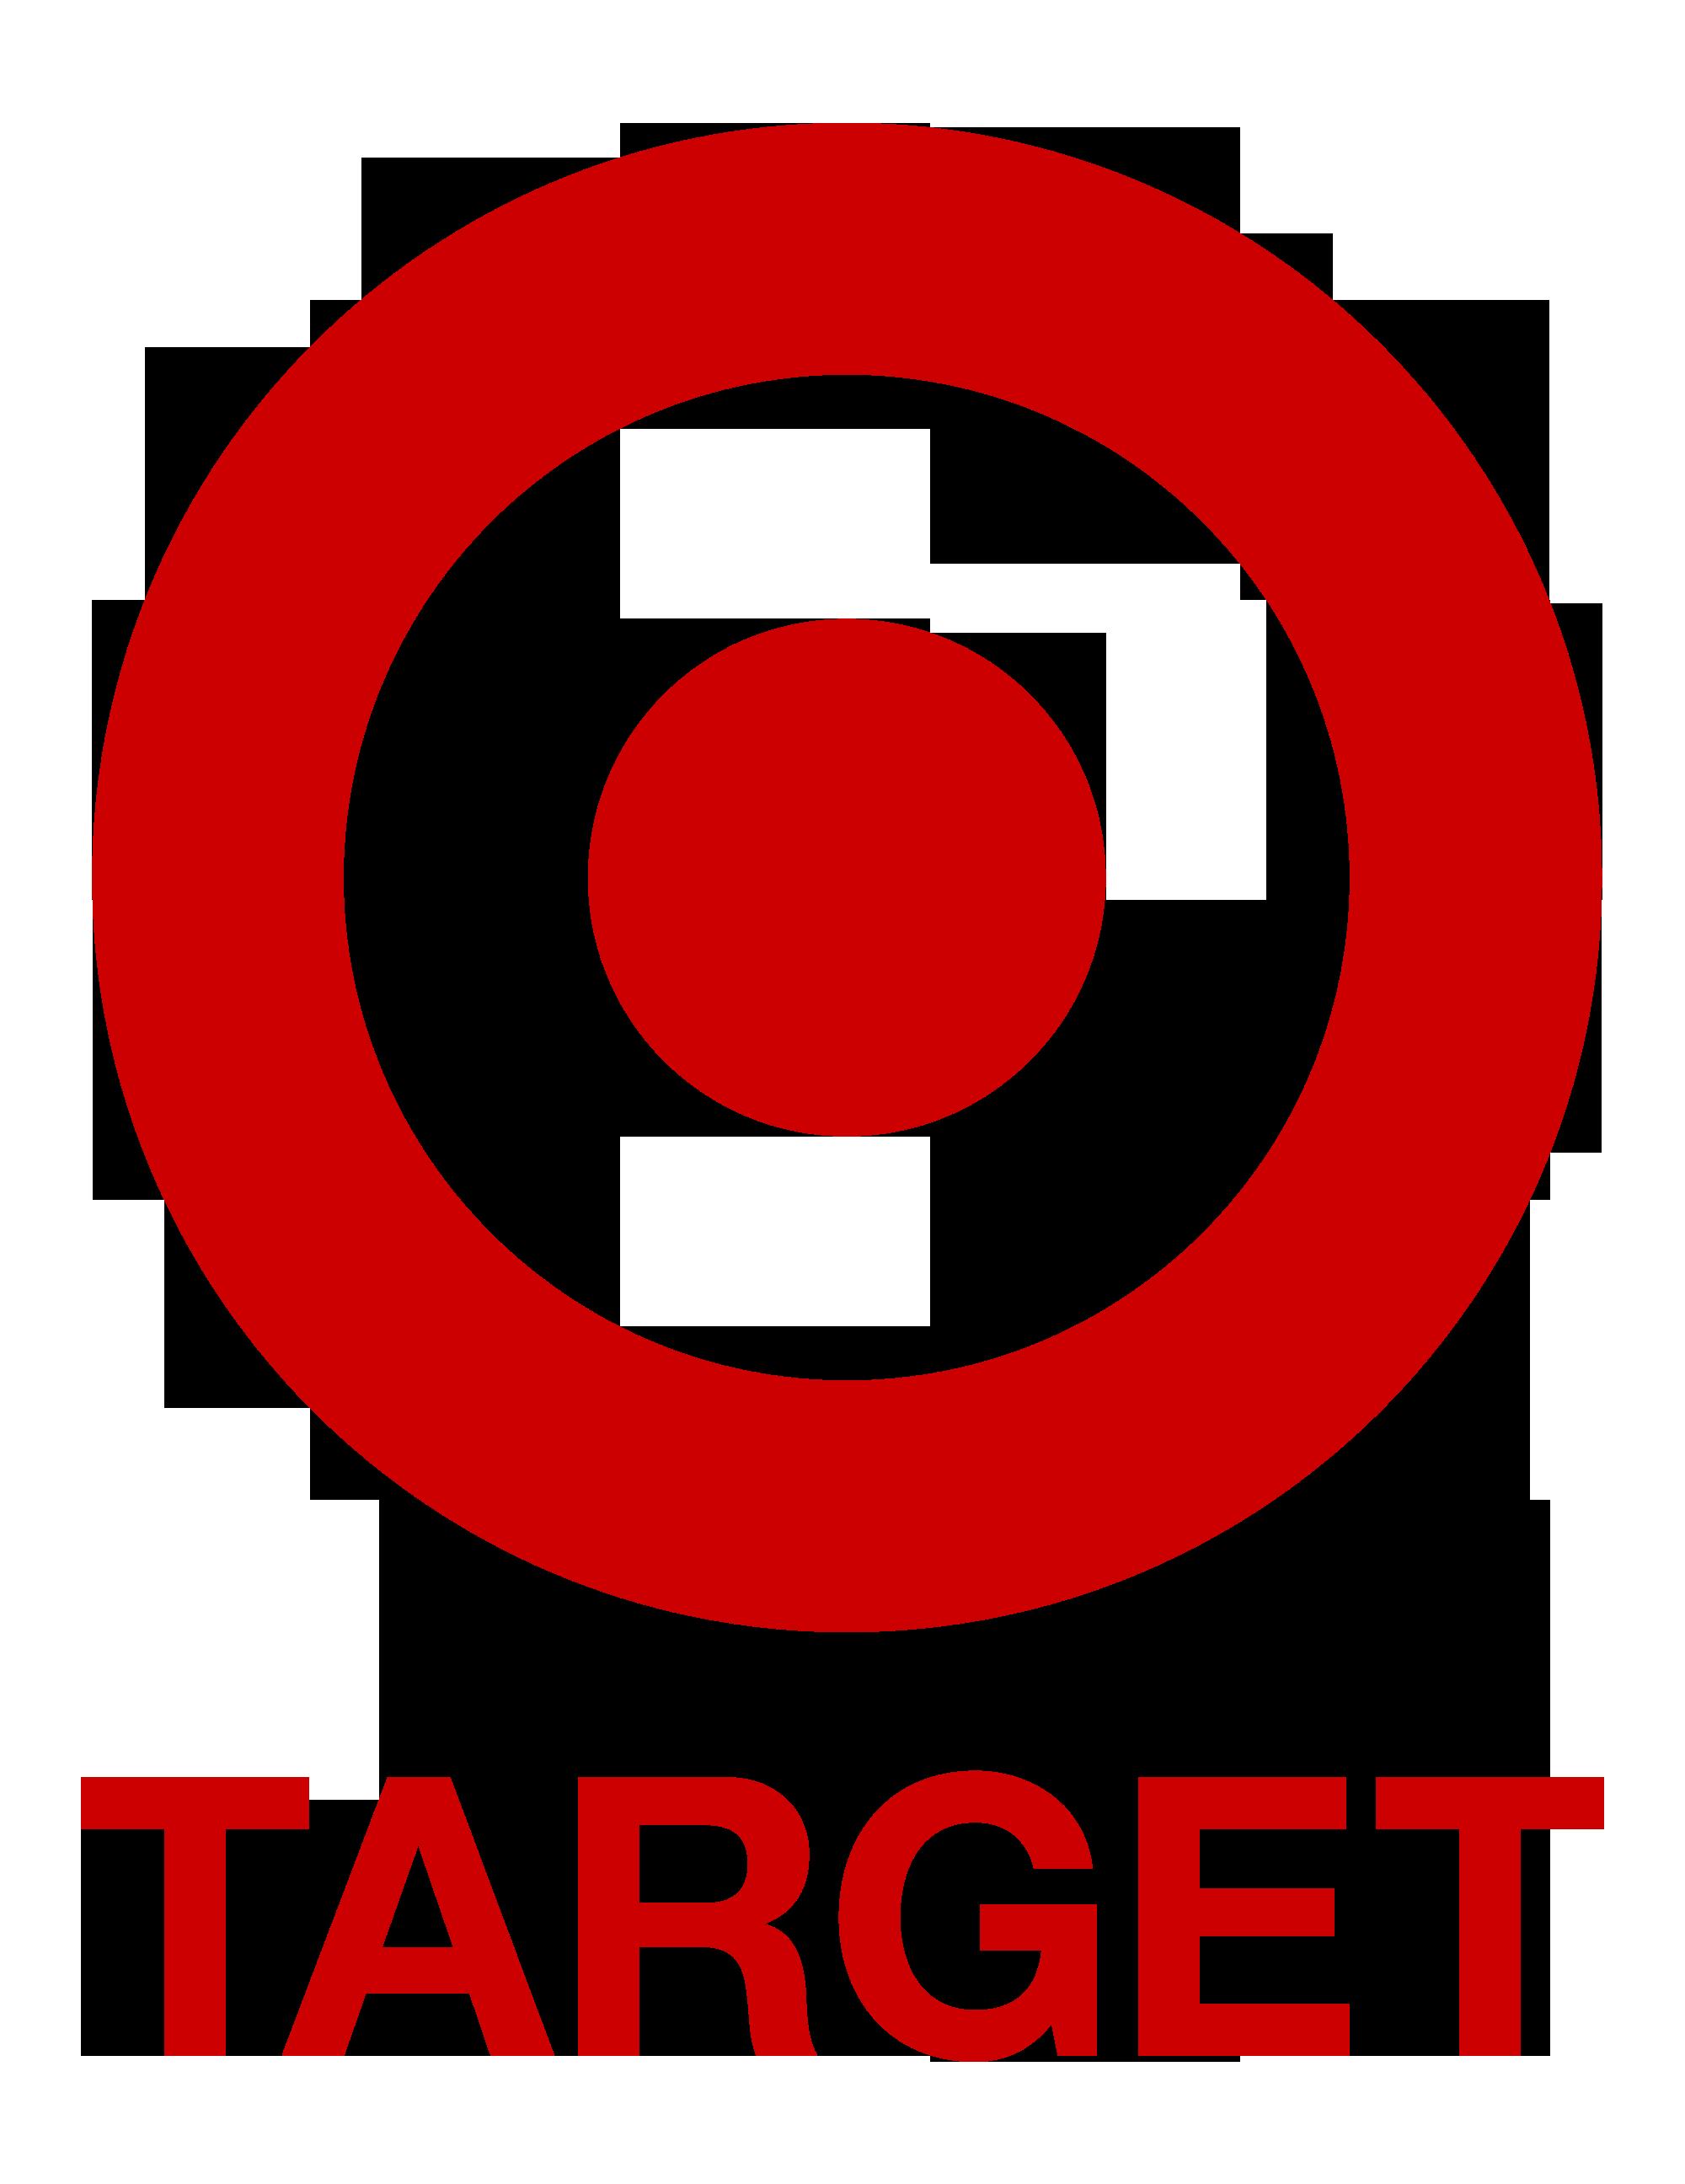 Image result for target logo transparent